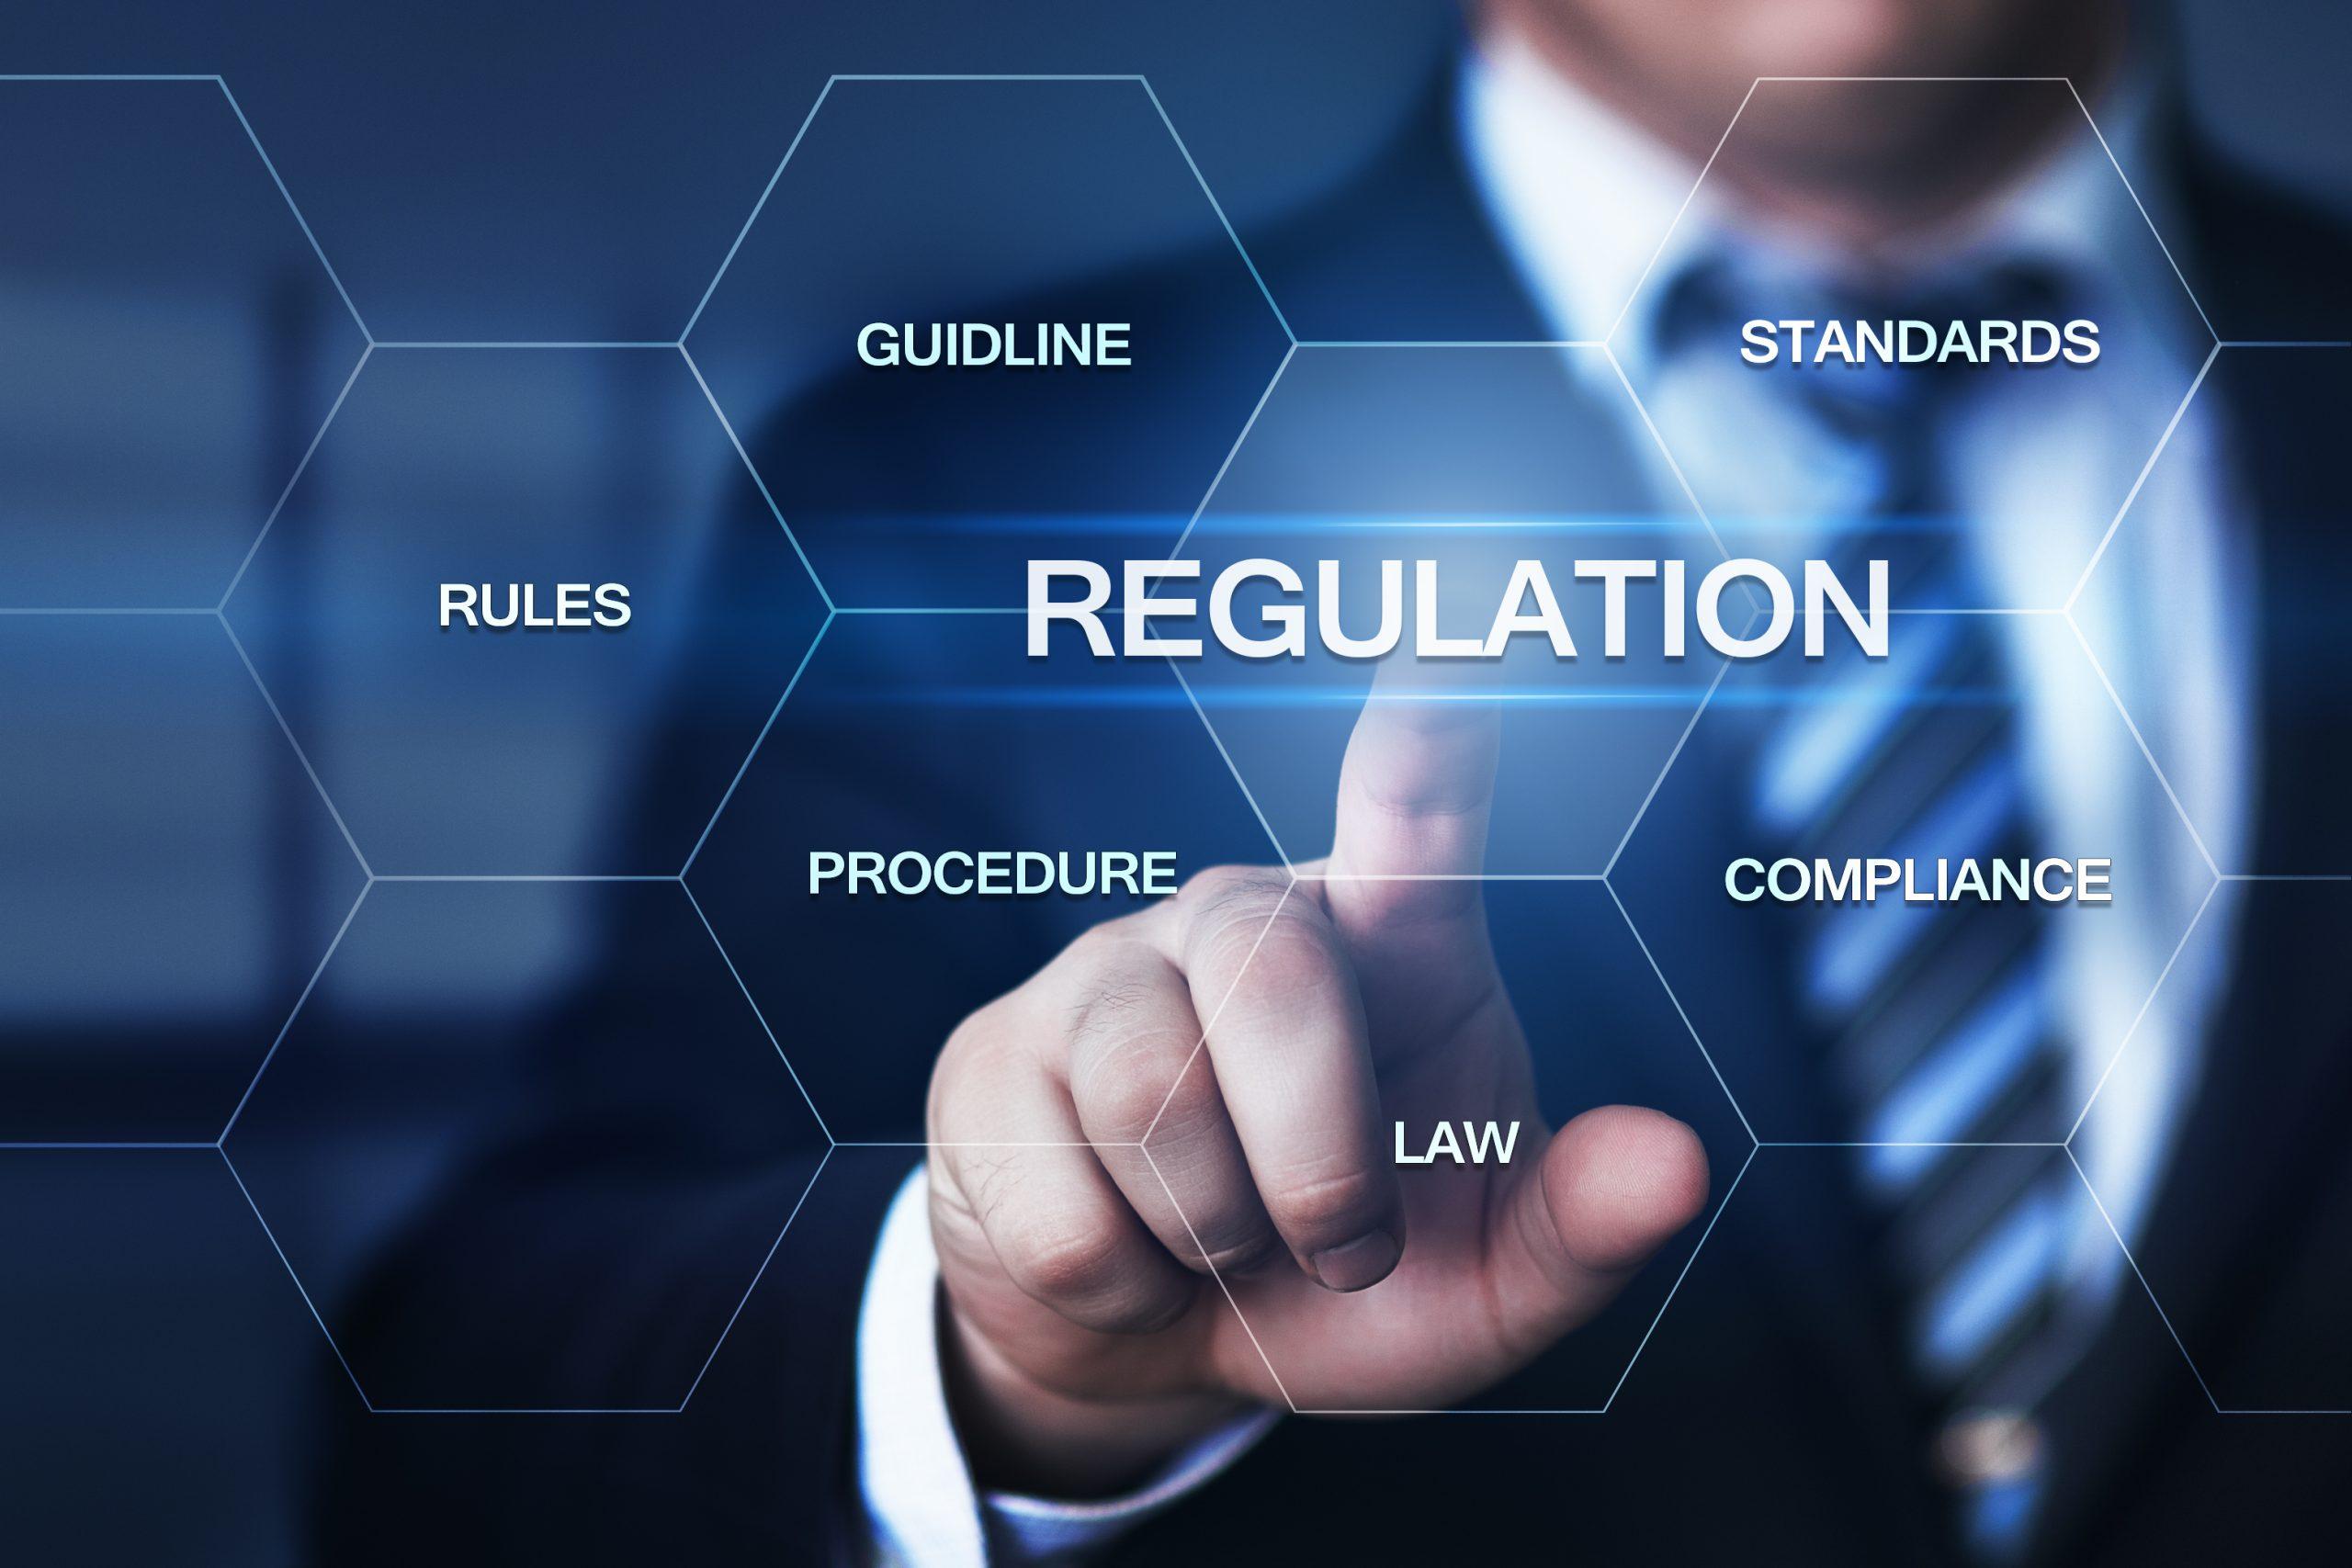 4. Regulated